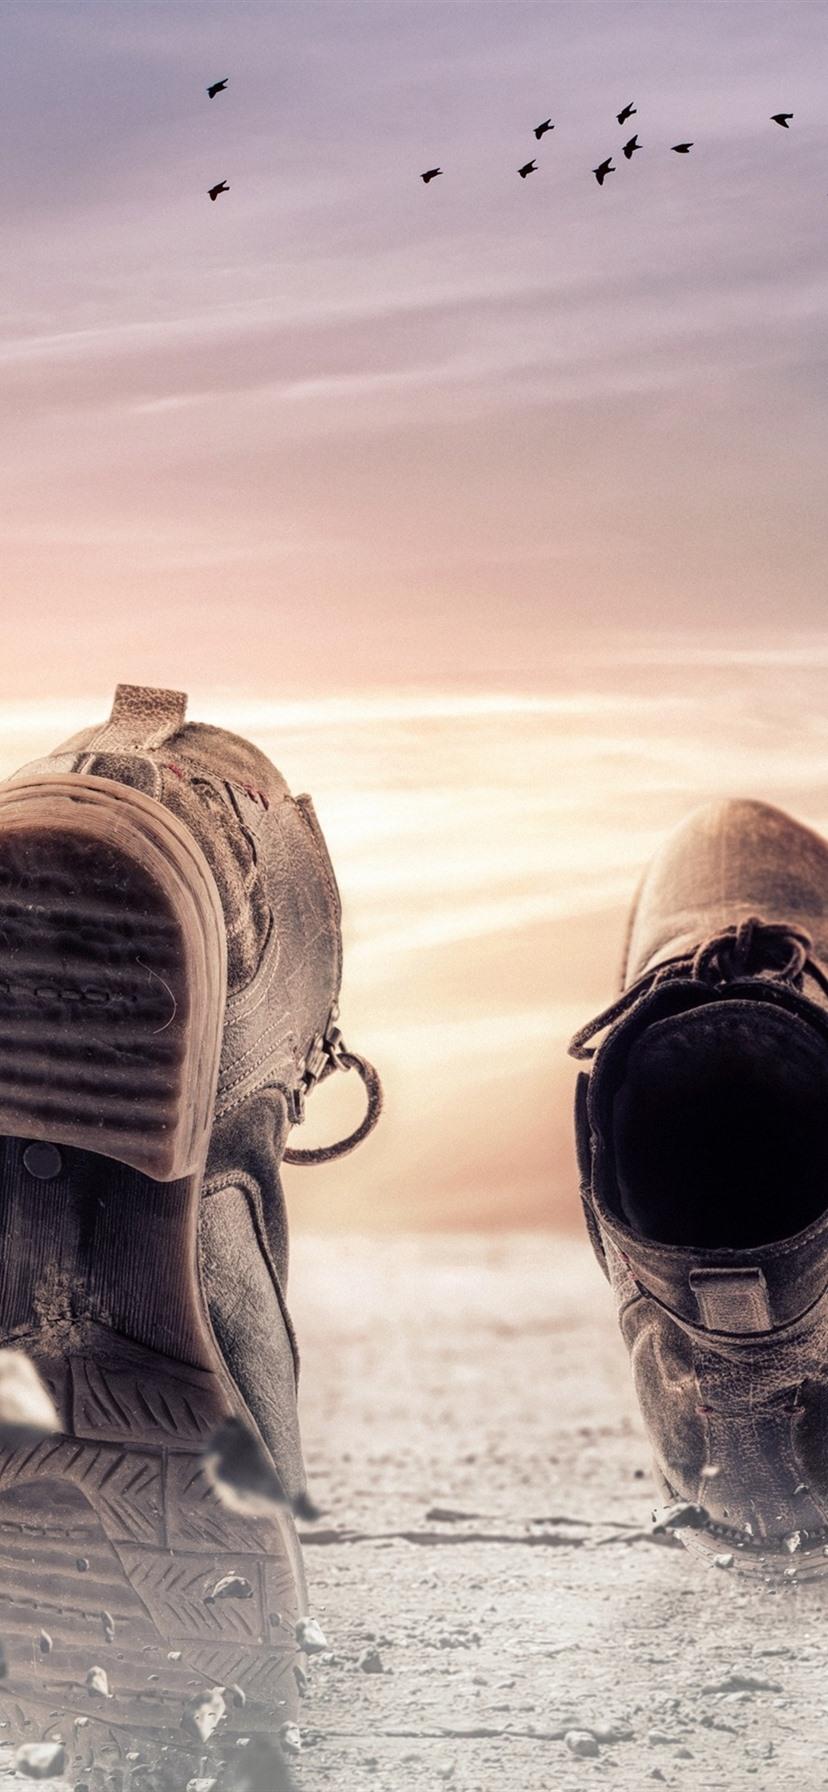 Schuhe Boden Vögel Kreativ 3840x2160 Uhd 4k